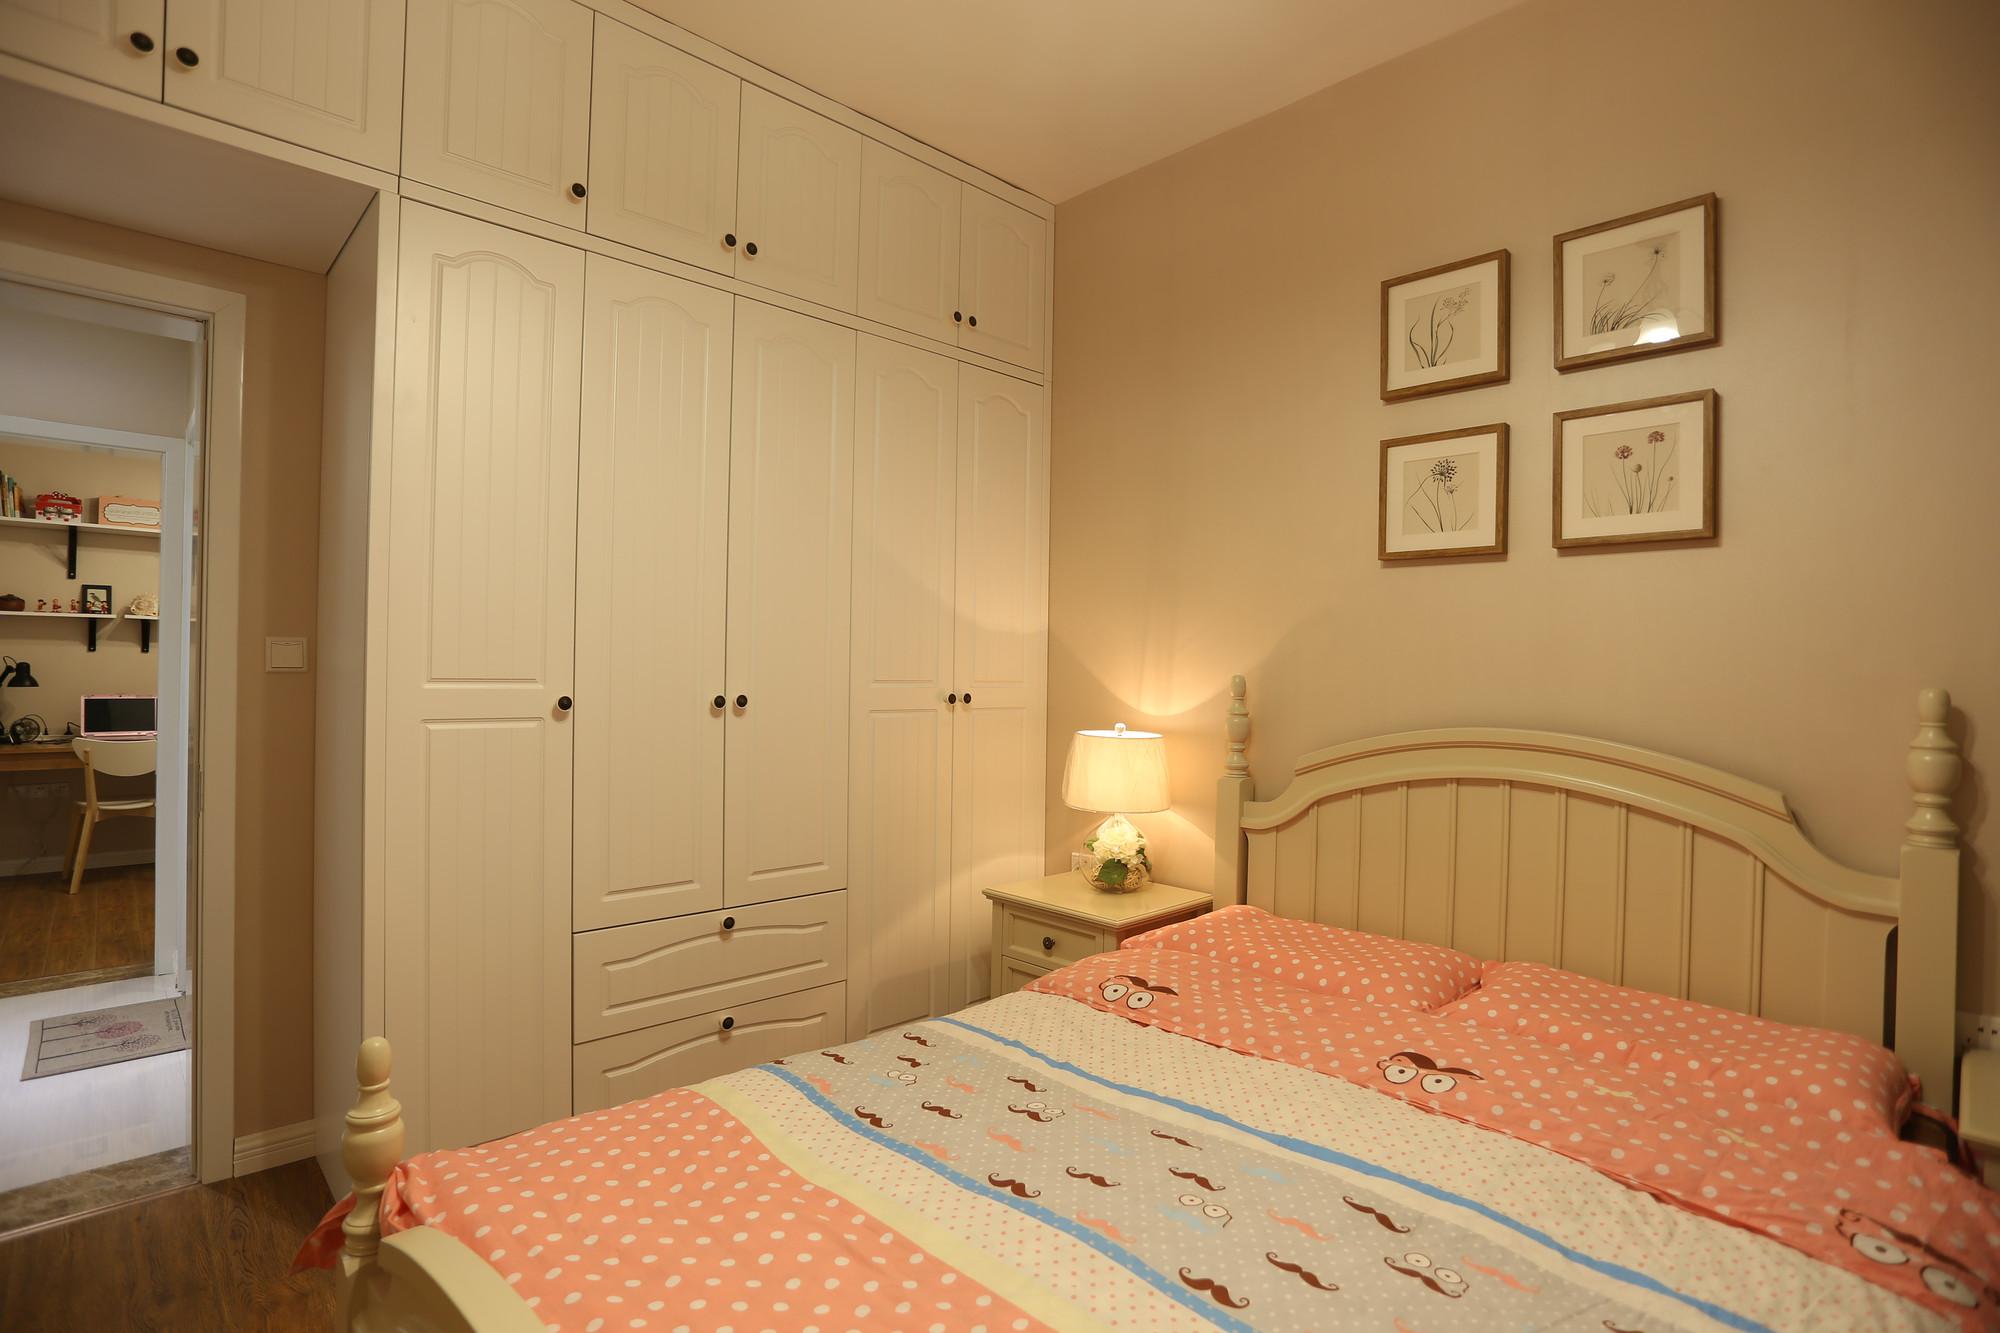 床尾摆上一个大衣柜,同时靠着衣柜左边摆上一个书桌,整体布置舒适又